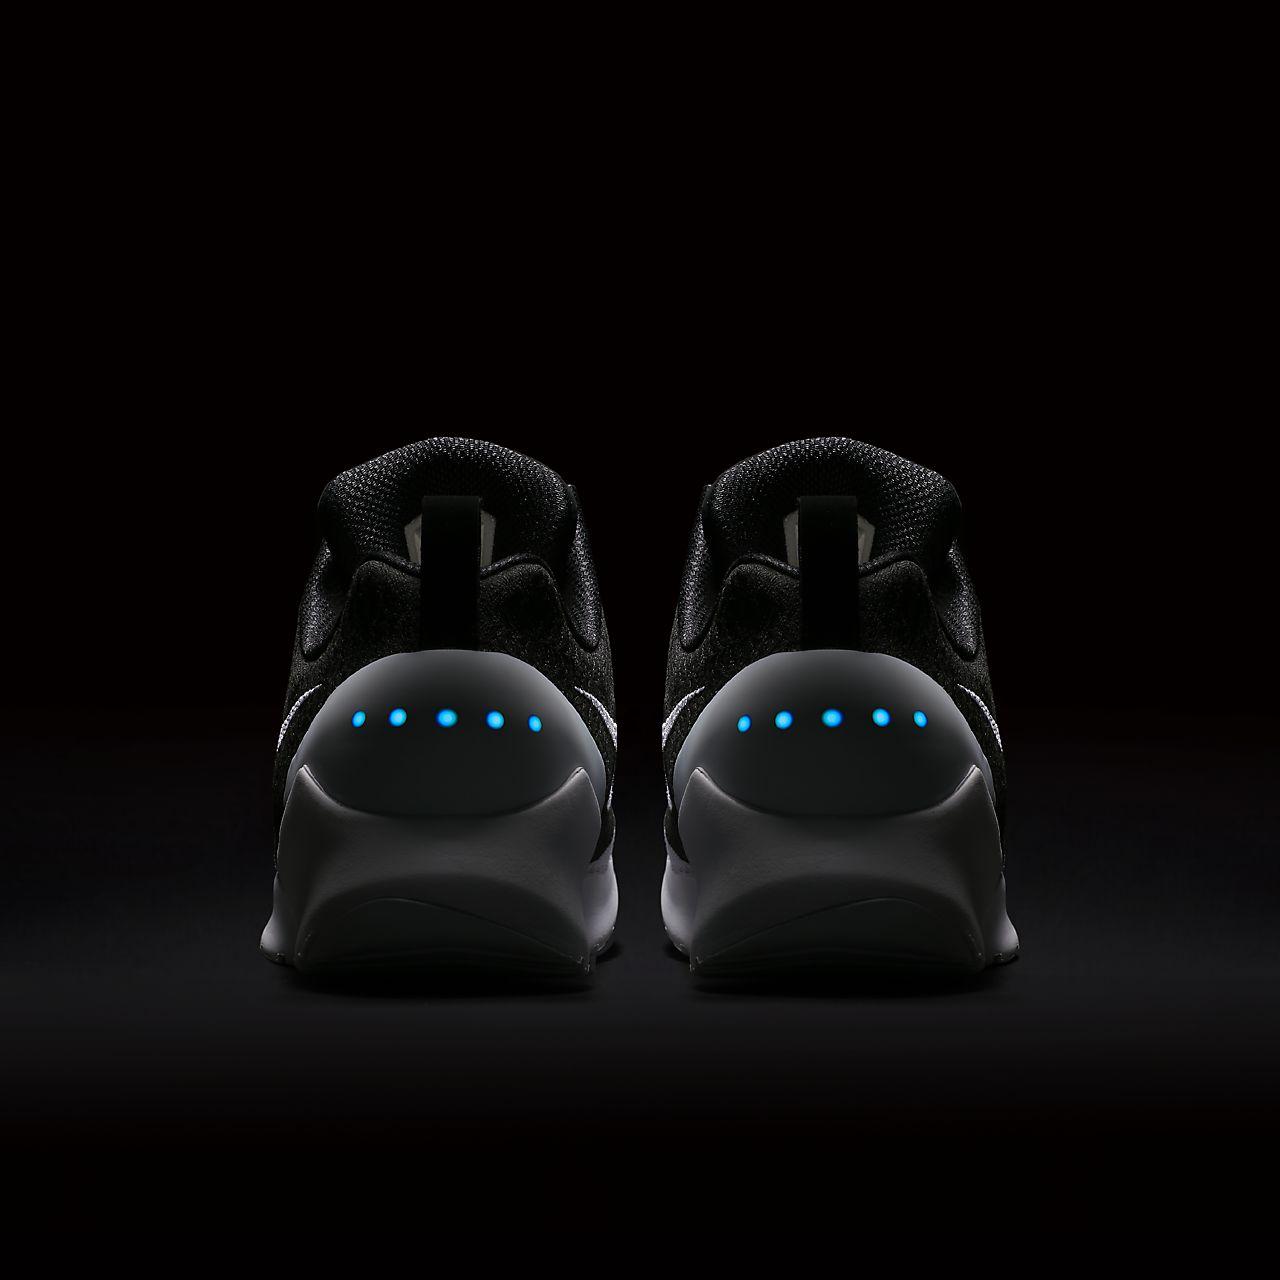 Sandalo Nike Benassi Donna Hyper Turquoise Hyper